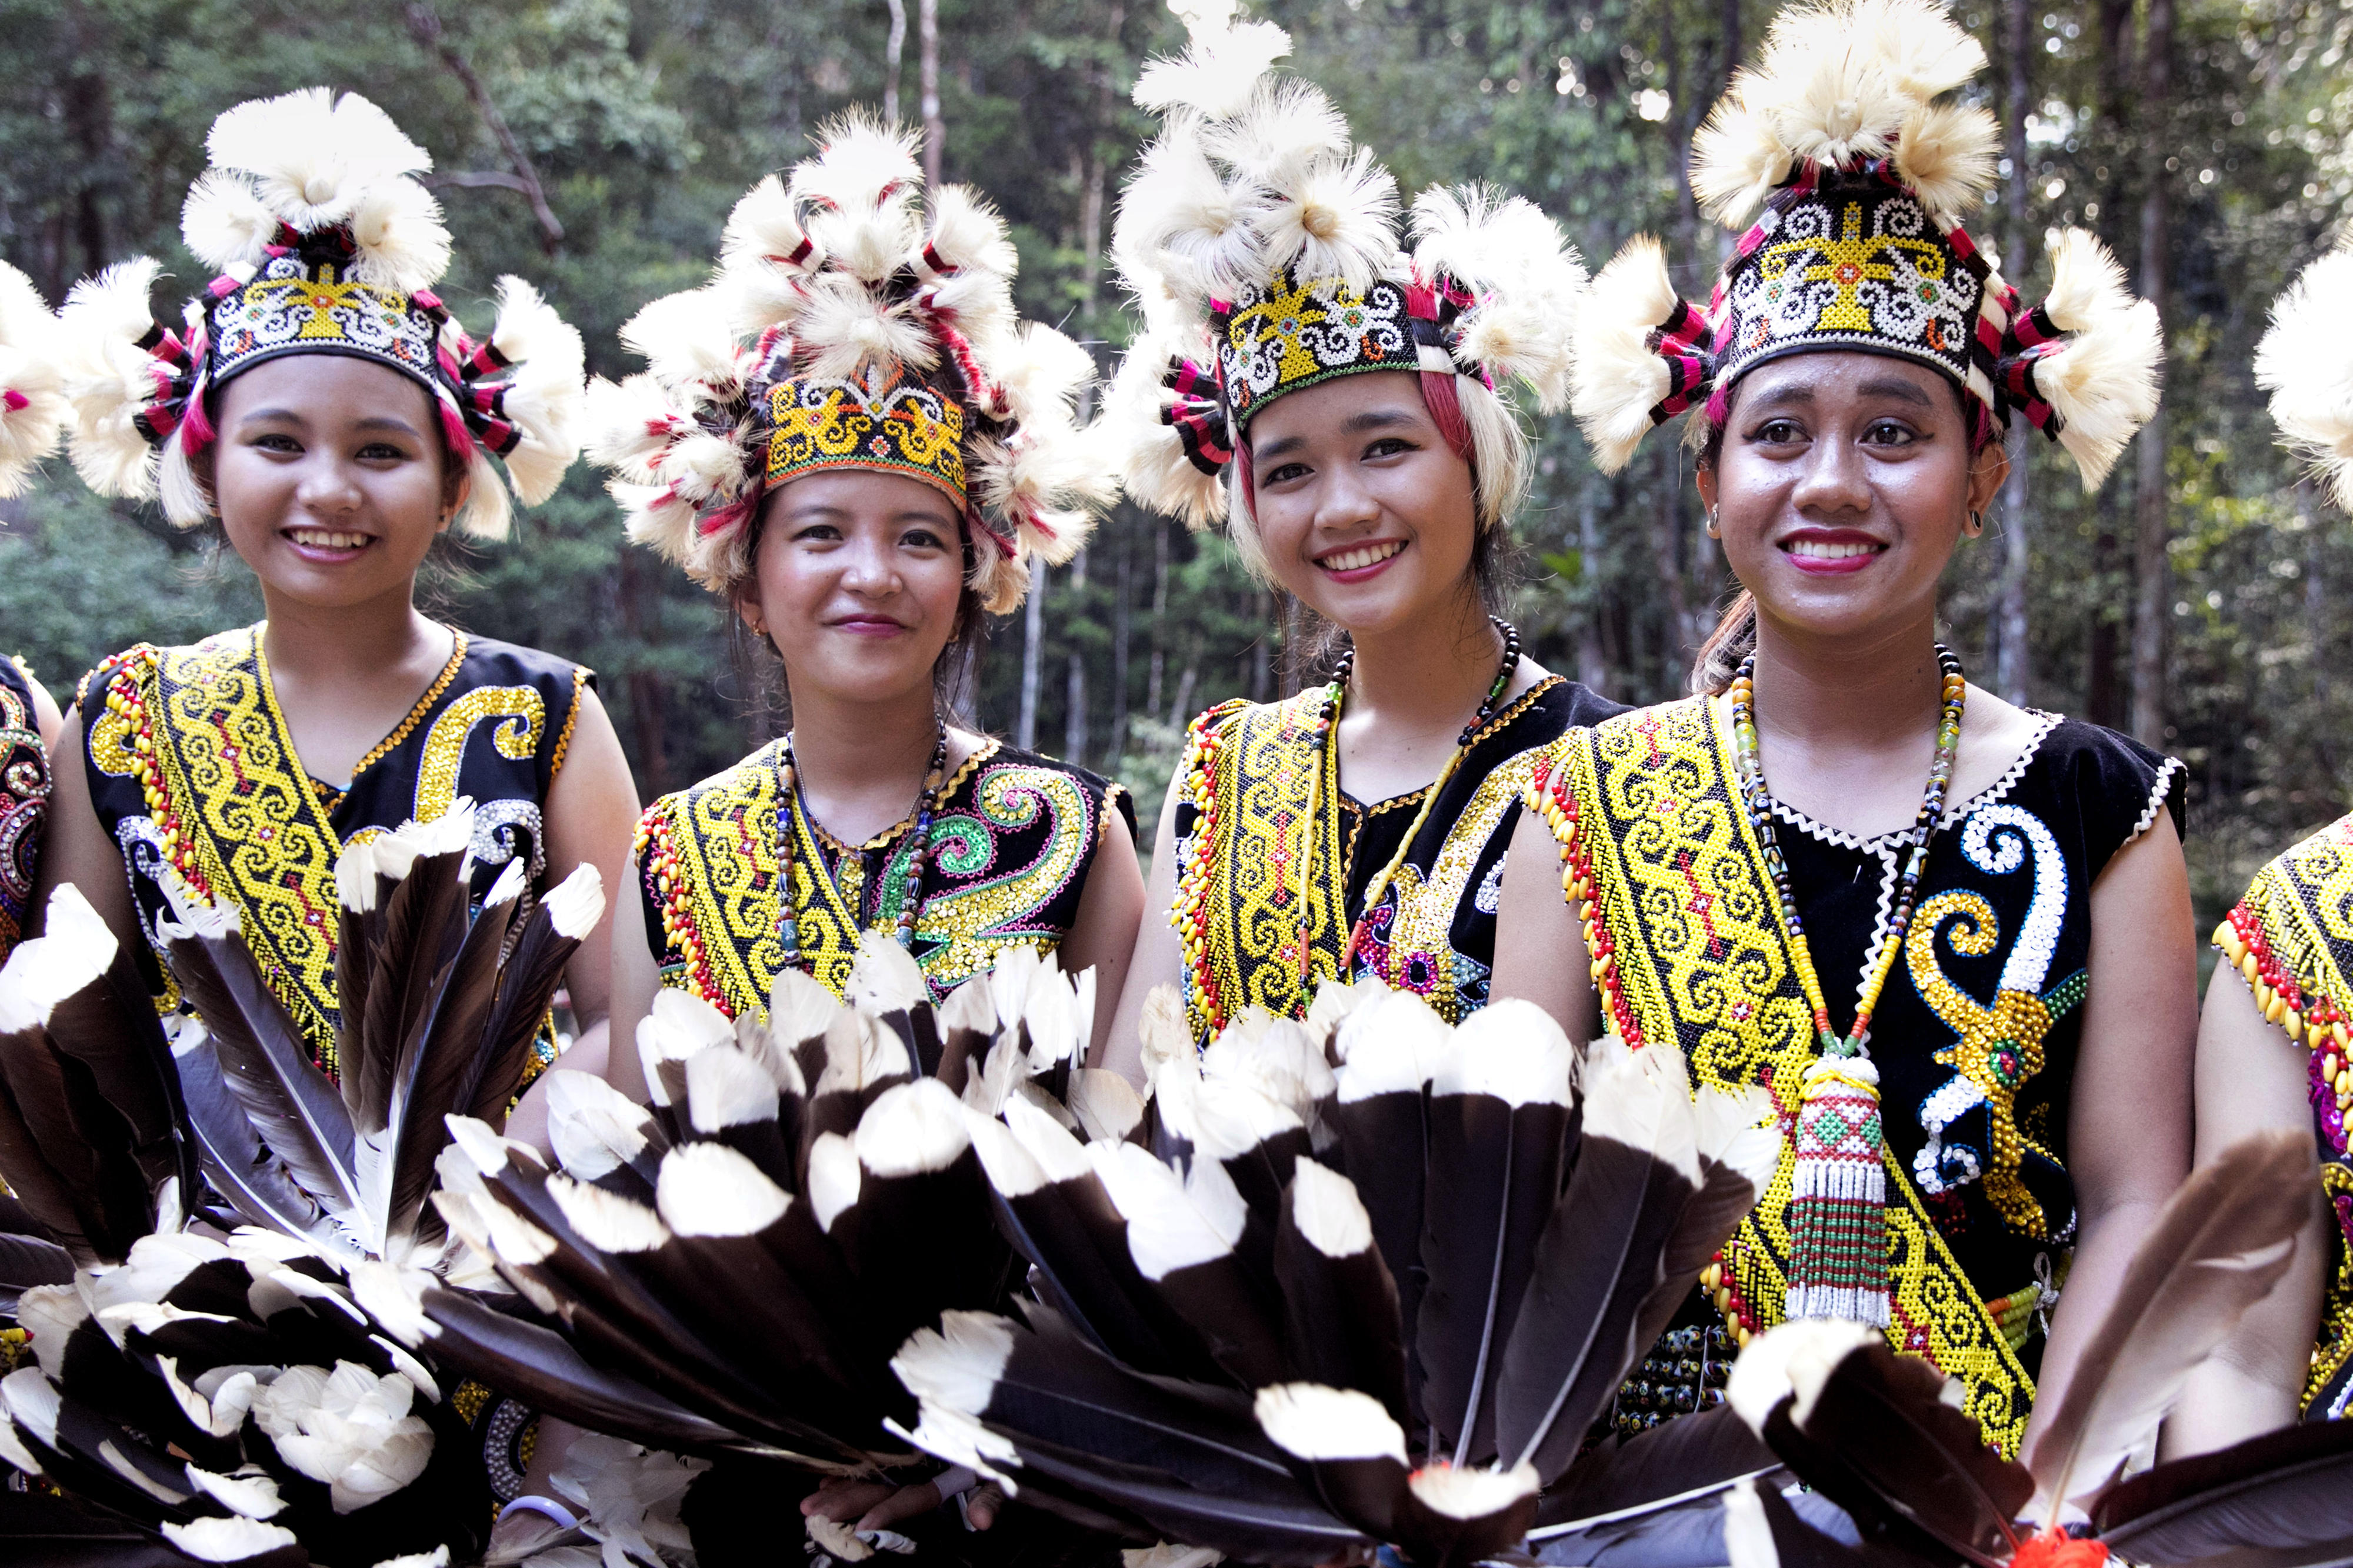 Tänzerinnen in traditioneller Kleidung auf Borneo